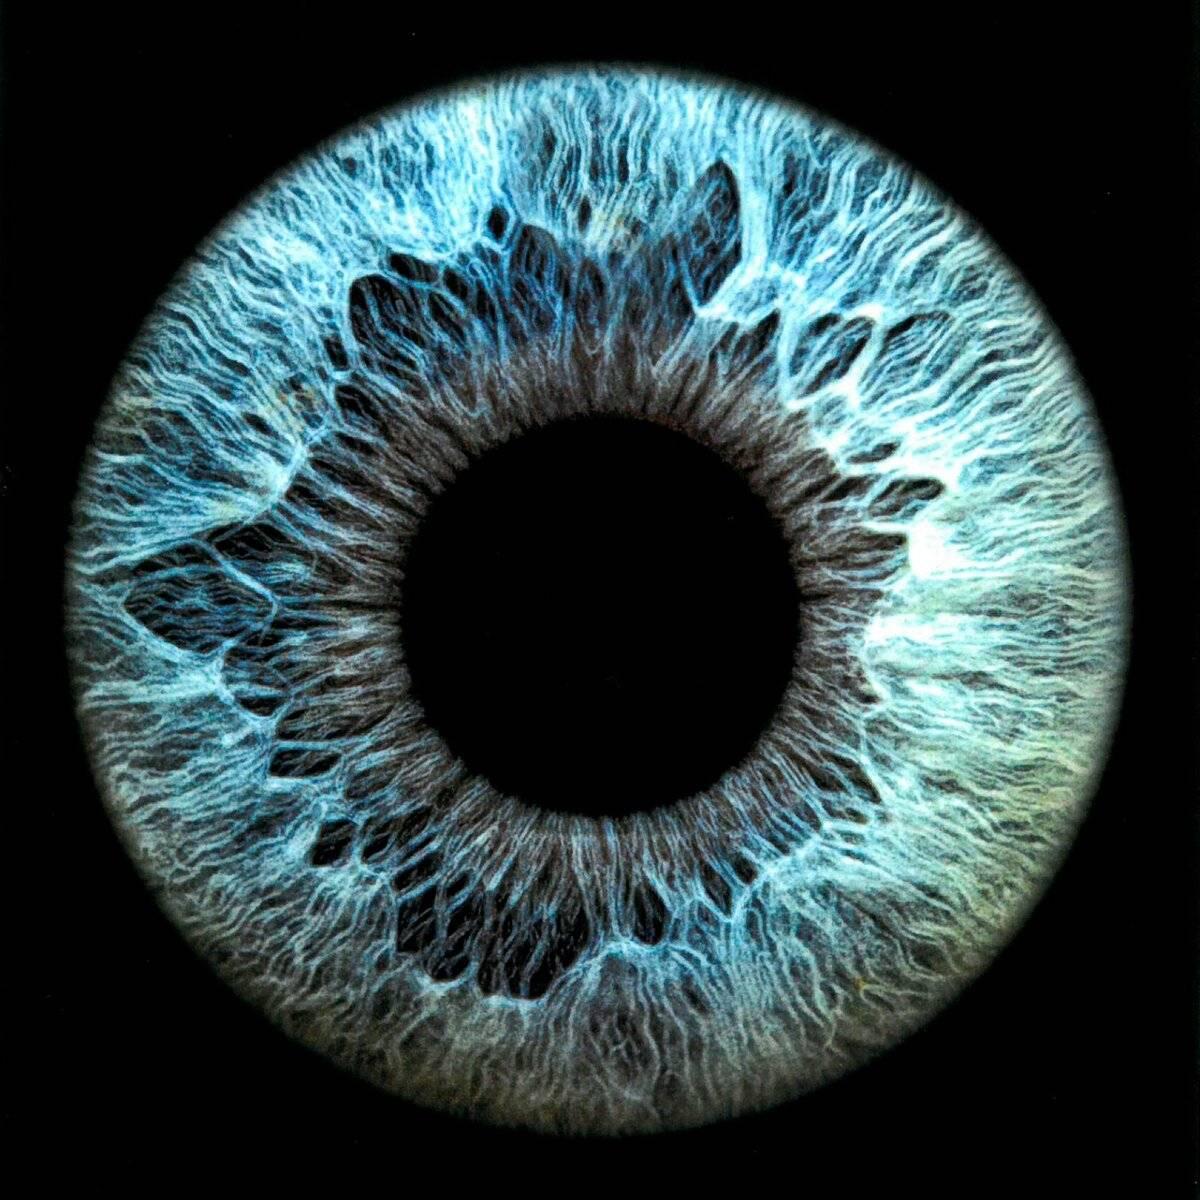 какой структурой глаза образована радужка